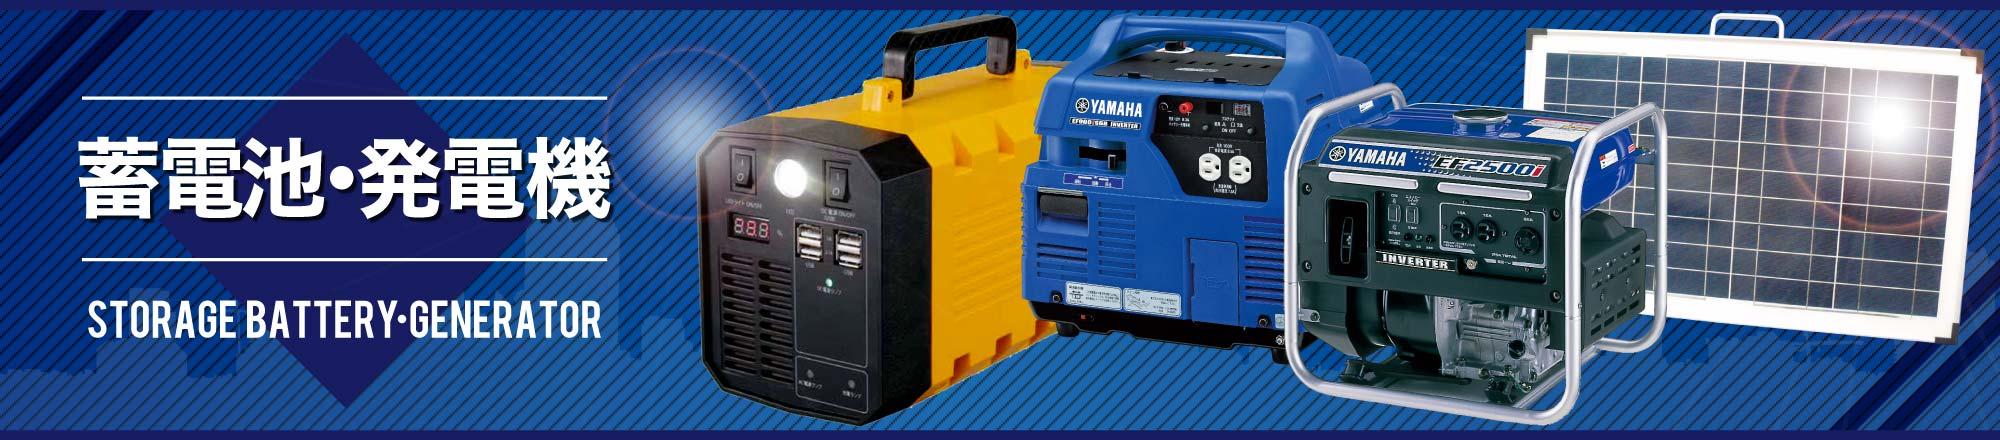 蓄電池・発電機